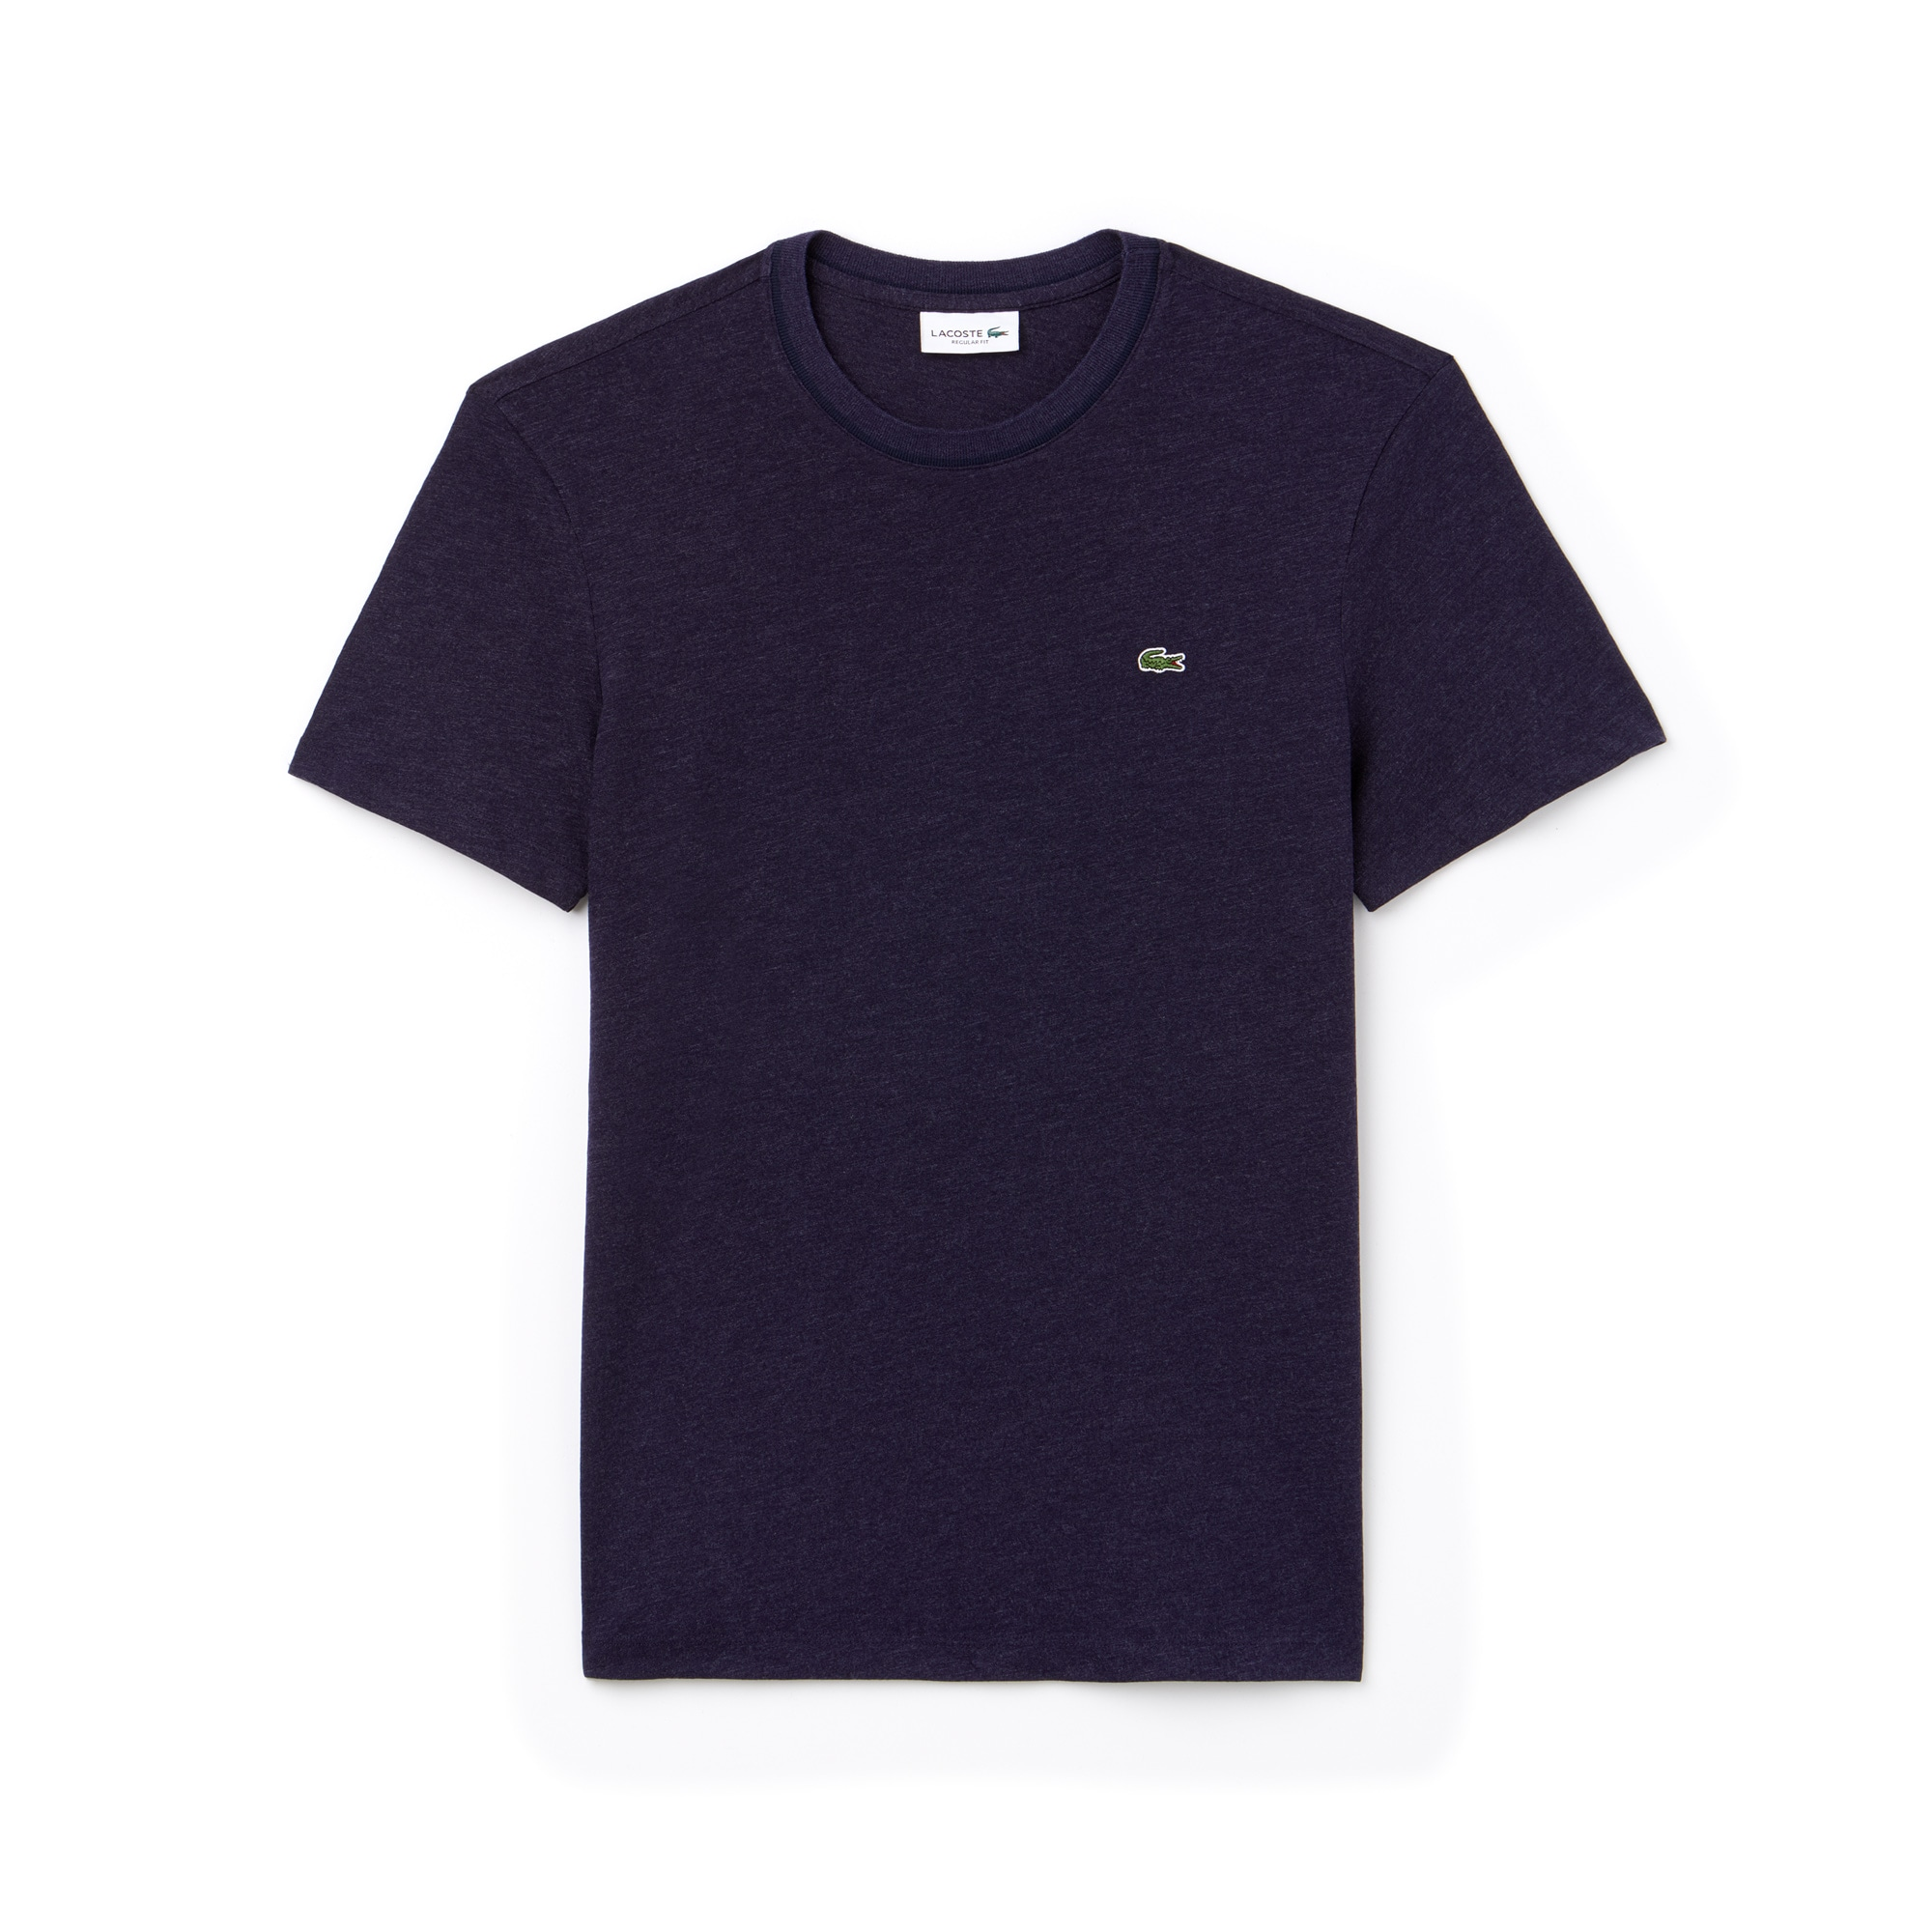 T-shirt decote redondo em jersey de algodão efeito mesclado unicolor